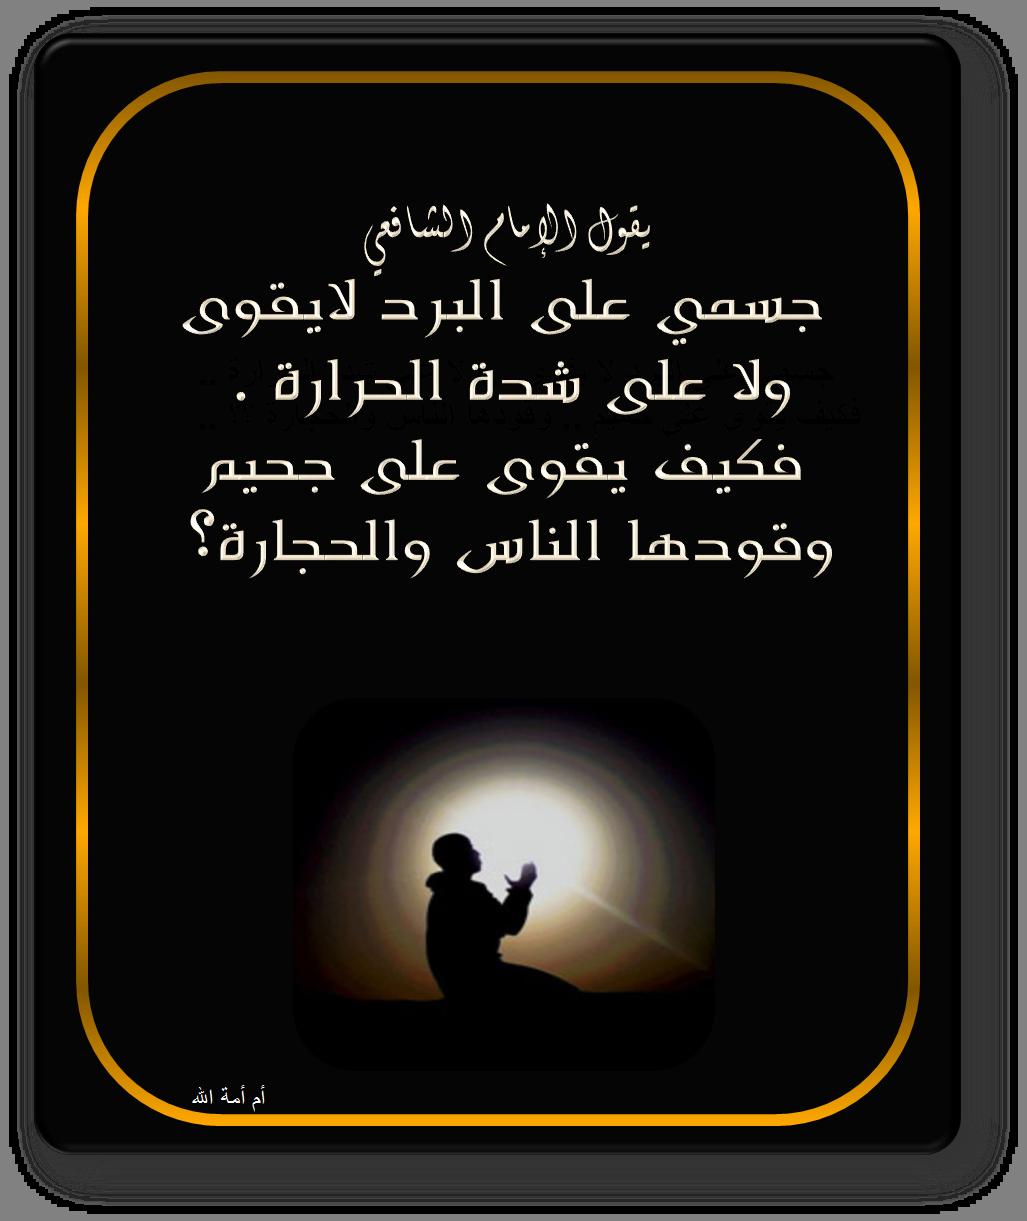 تصميمي أروع بطاقات إسلامية ،بطاقات إسلامية 3dlat.com_02_19_8e6f